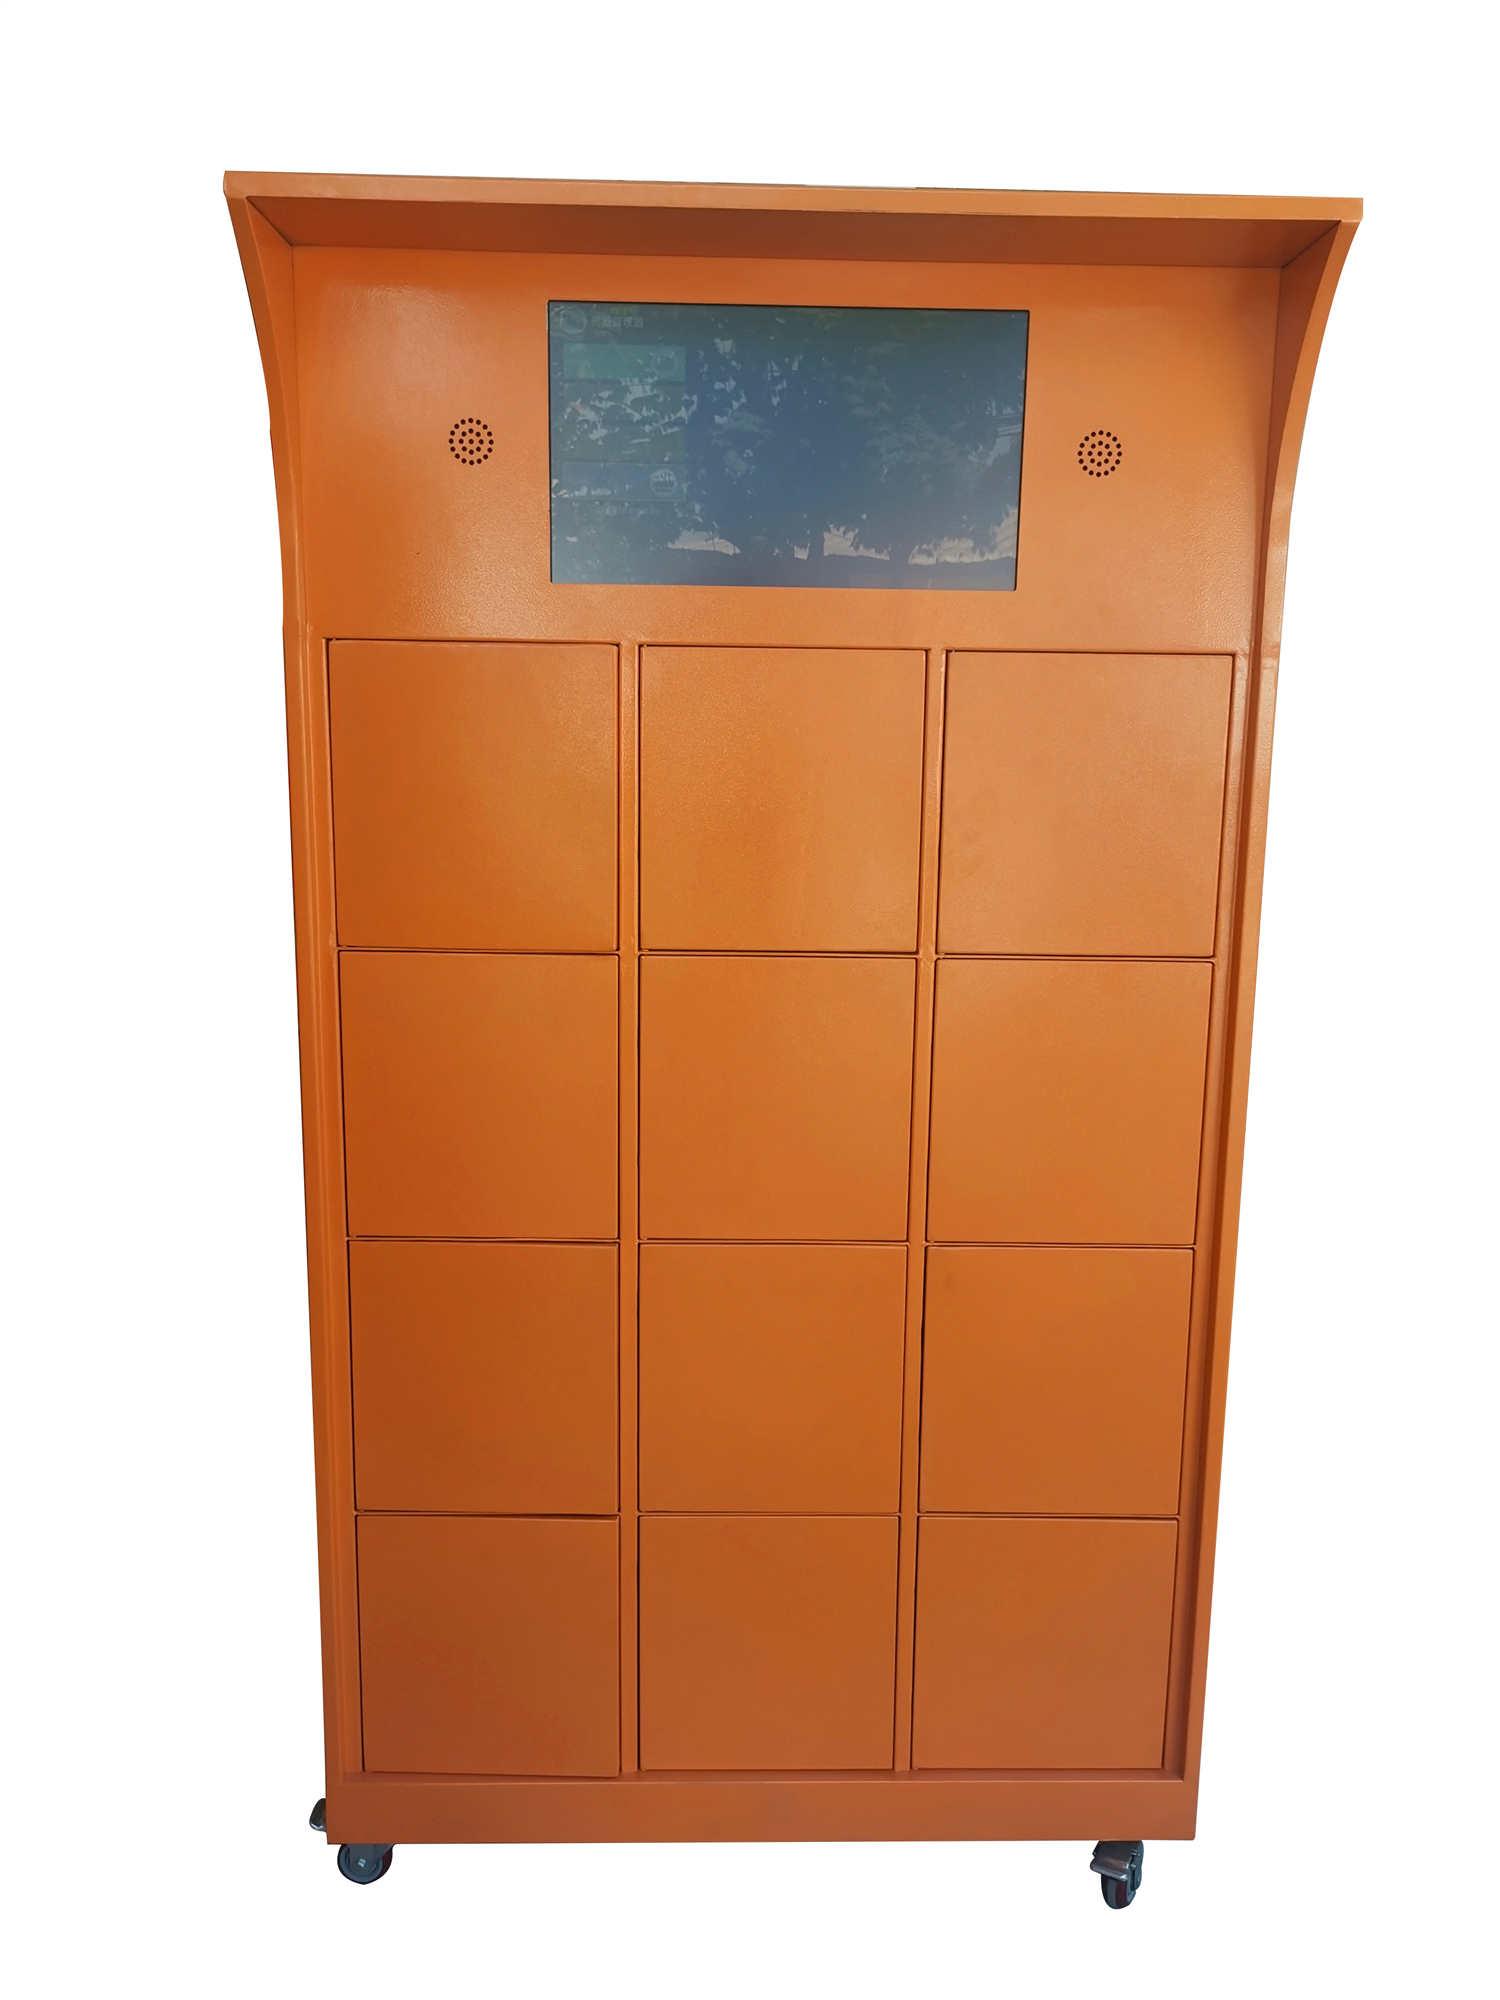 智能换电柜厂家|为您推荐品牌好的提供锂电池快速更换新电池